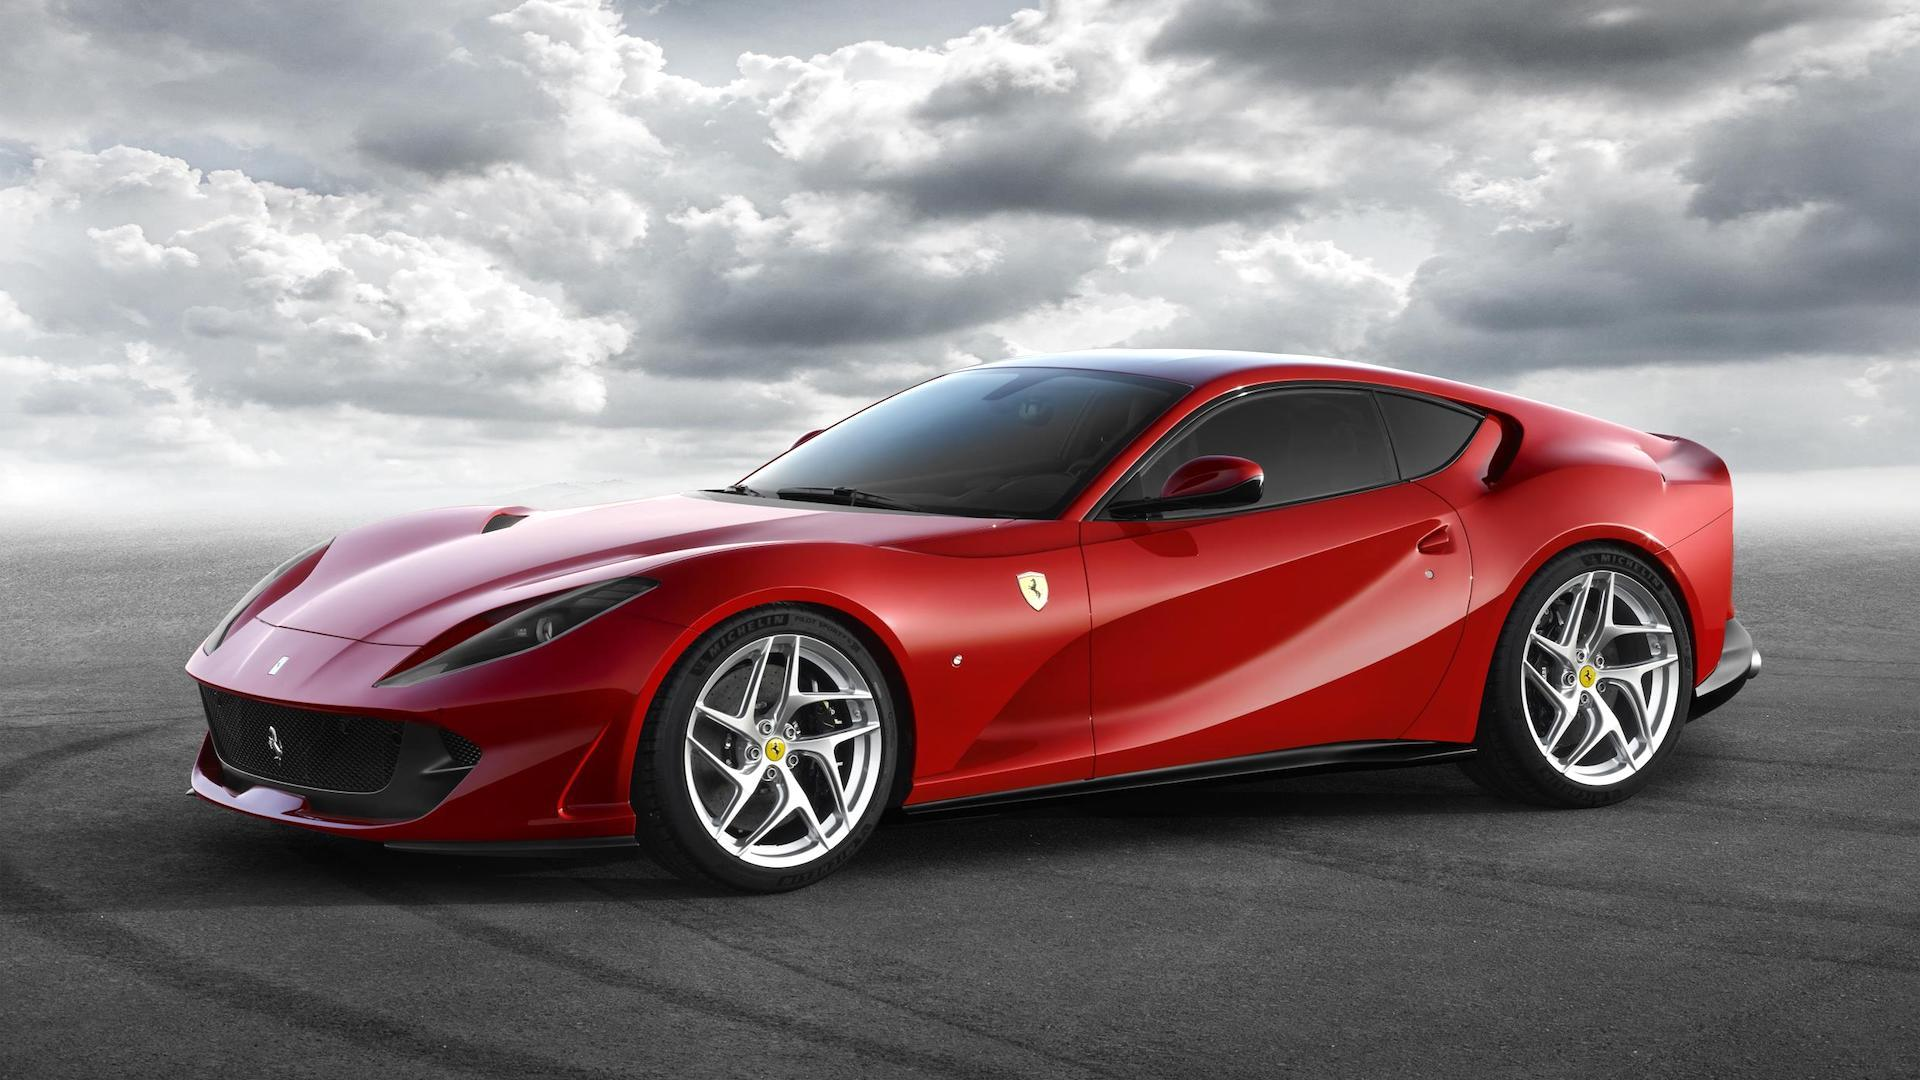 Ferrari cambió de opinión y fabricará un súper auto eléctrico